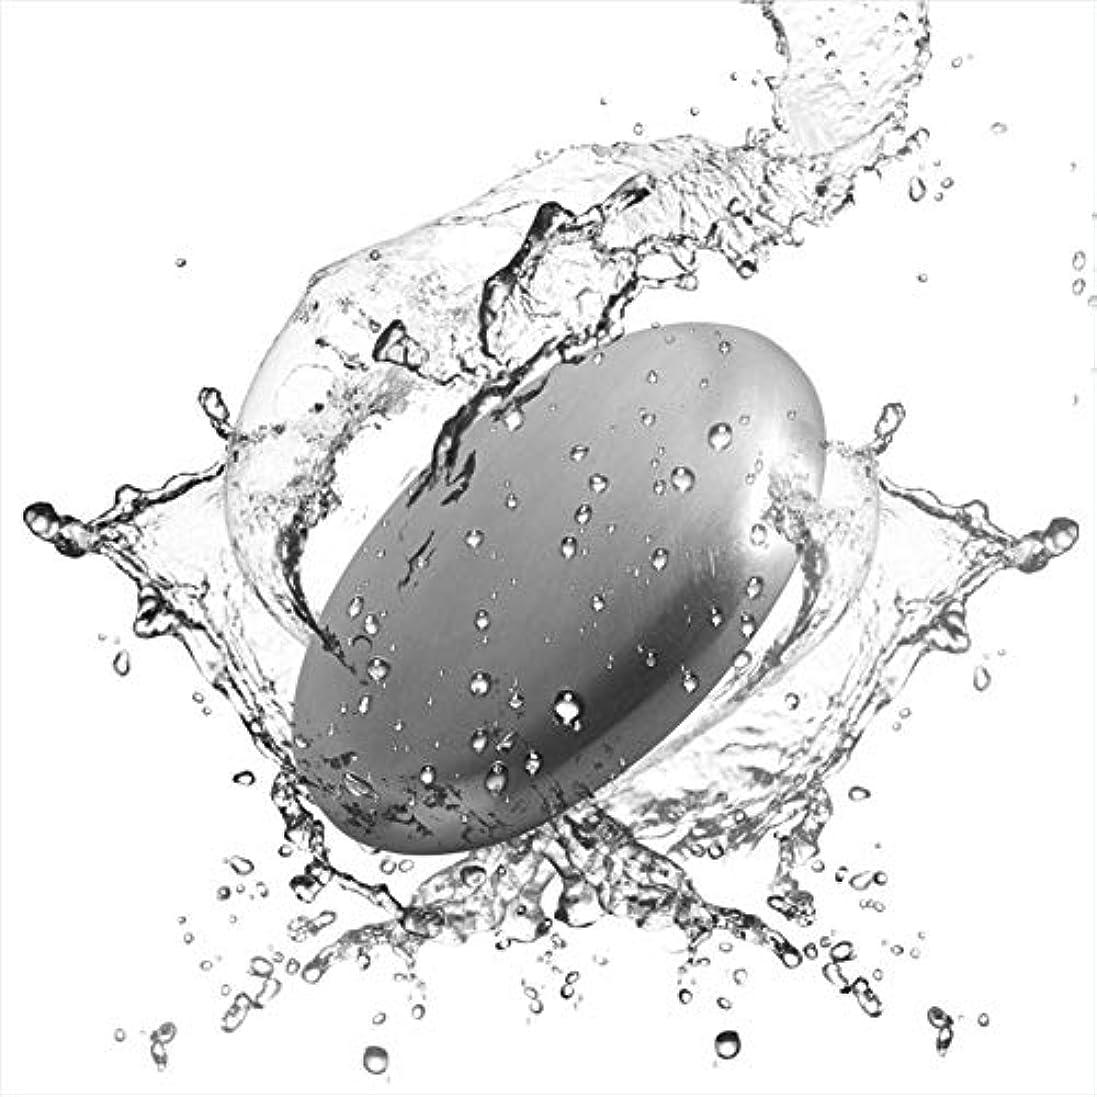 常に出版コンピューターRefoiner ステンレス製品 ソープ 実用的な台所用具 石鹸 魚臭 玉ねぎやニンニク 異臭を取り除く 2個